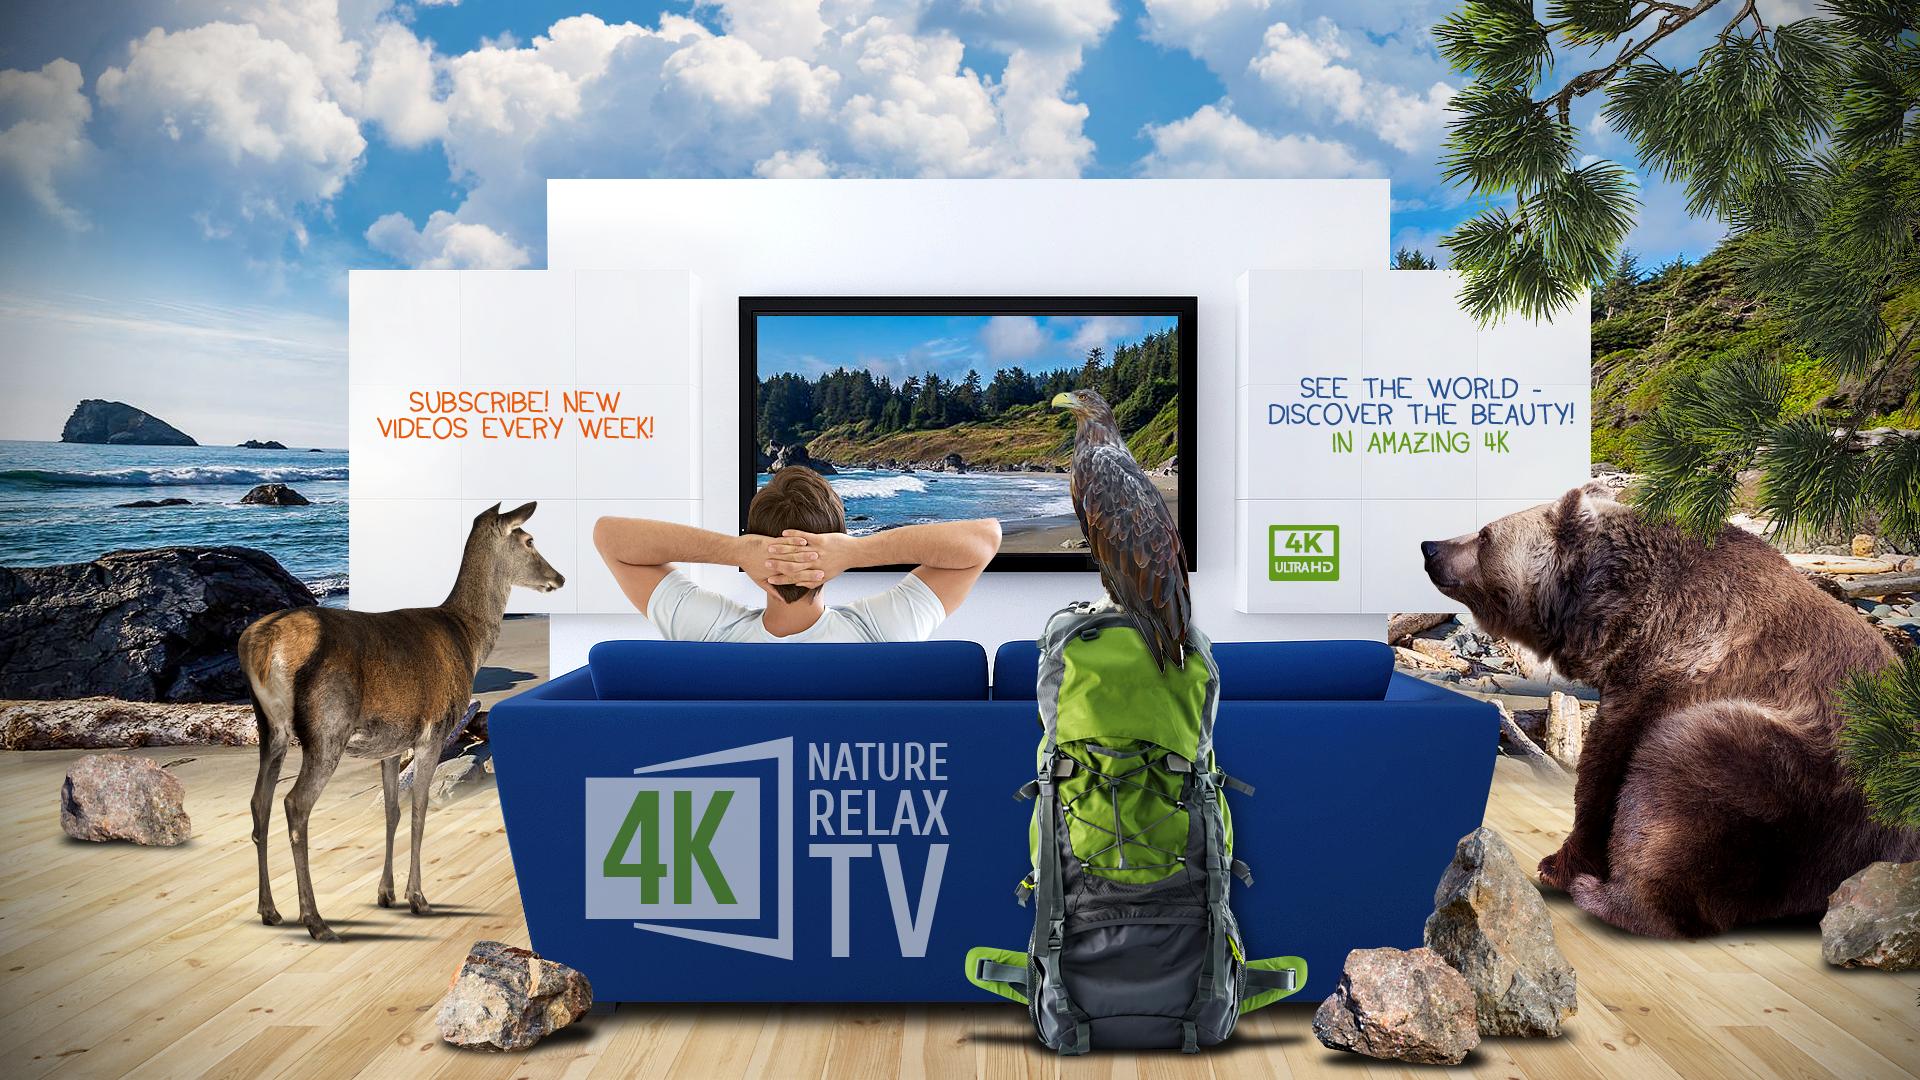 B1nJvs8W3FS - 4K Nature Relax TV